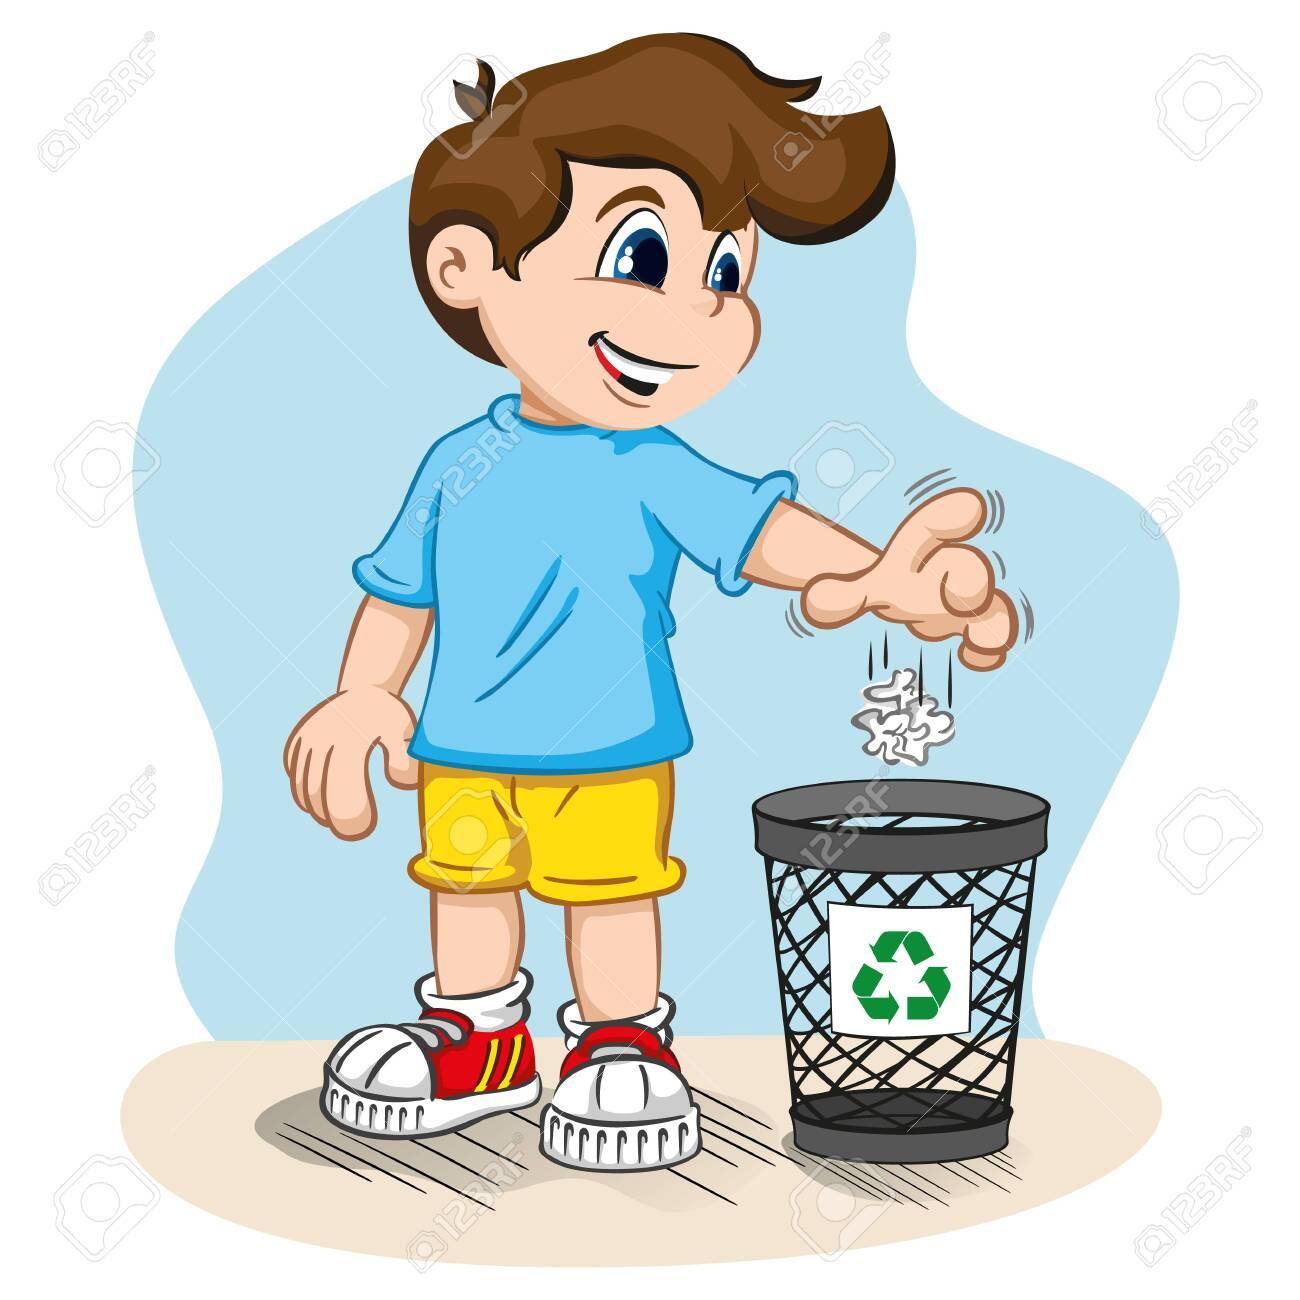 Boy throwing garbage in the trash can vector image on VectorStock   Cartoon  pics, Cartoon, School cartoon